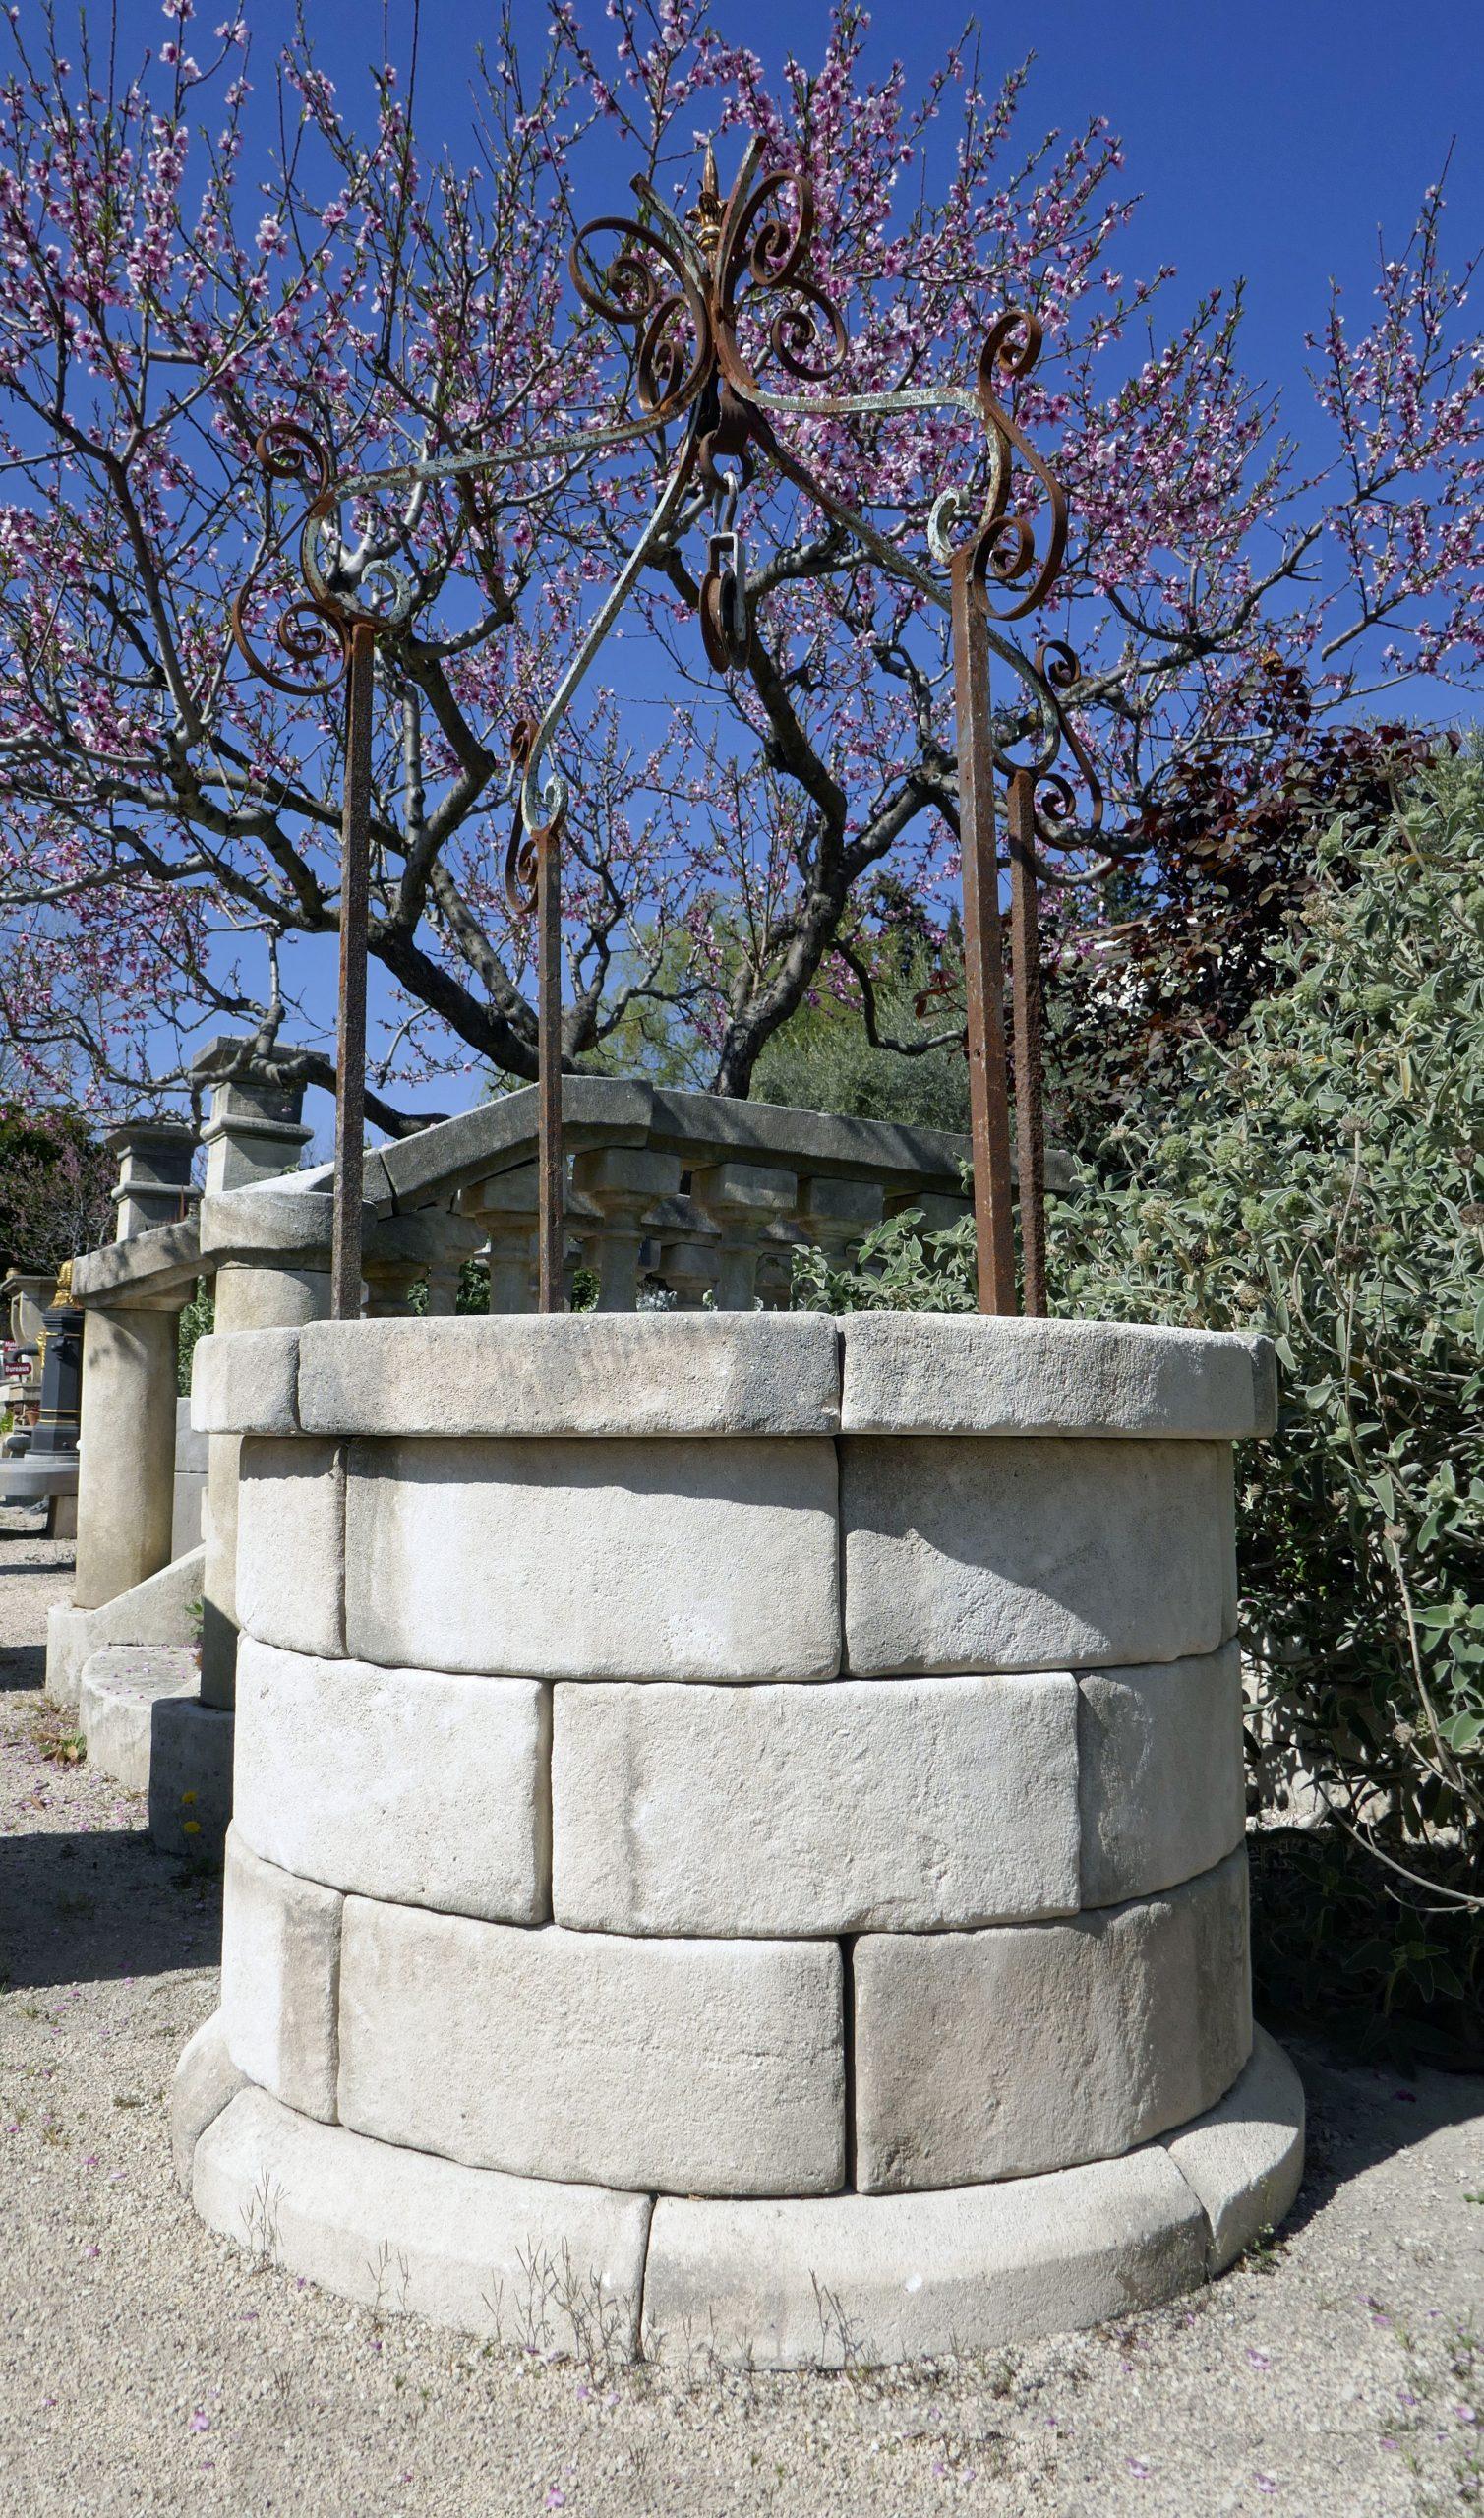 De Forme Circulaire, Ce Puits Décoratif Pour Jardin Est ... encequiconcerne Puit Decoratif Jardin